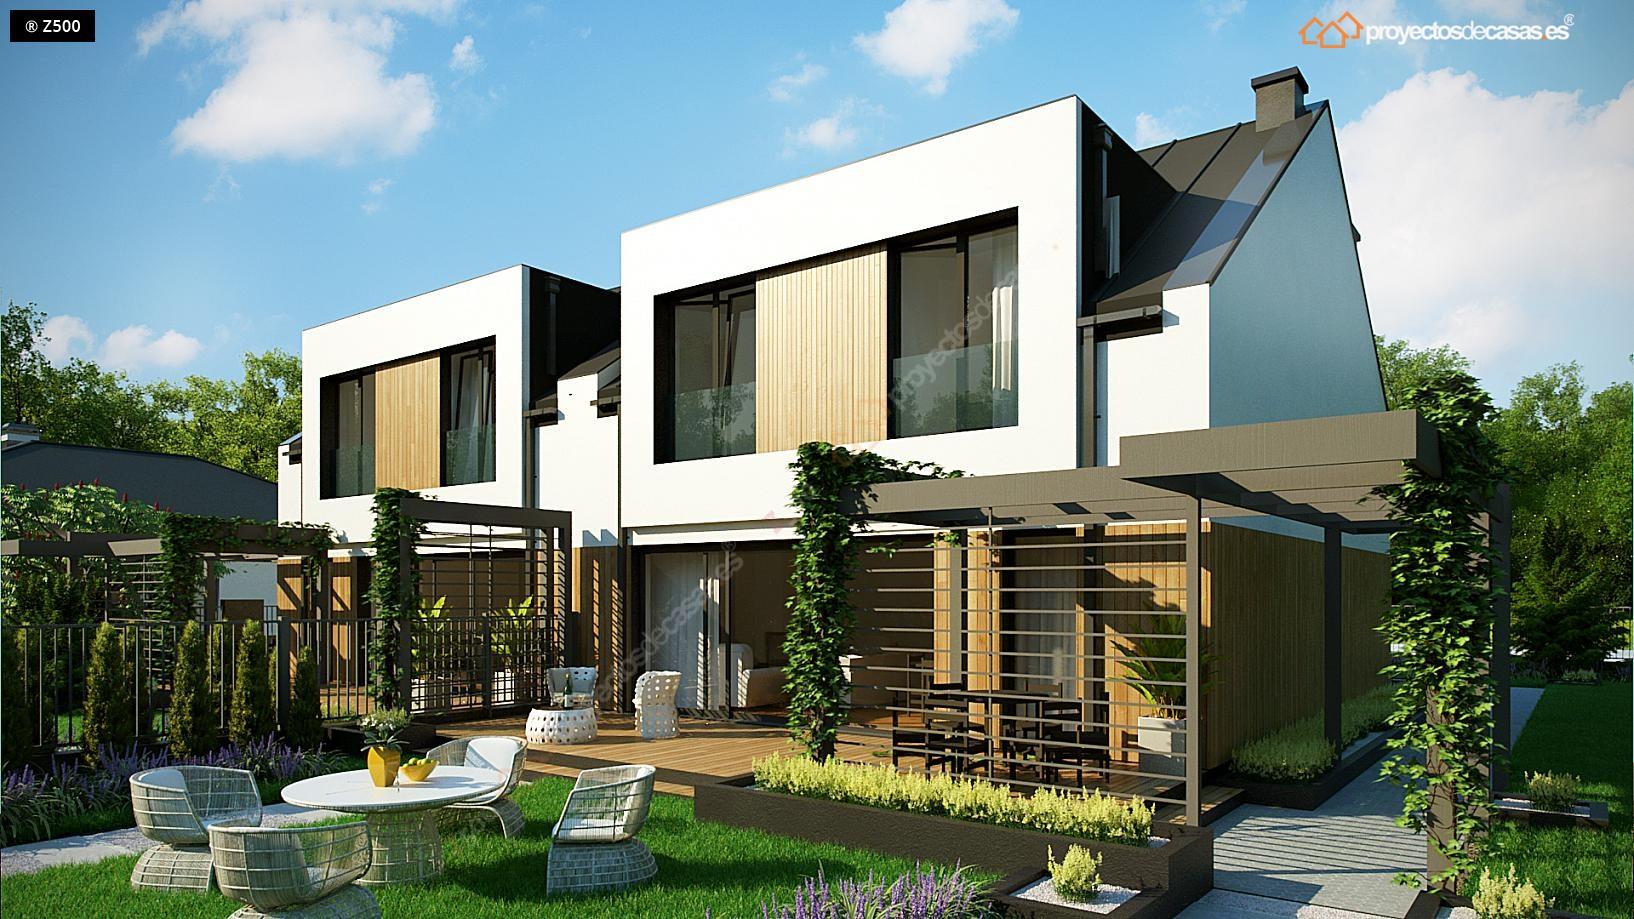 Proyectos De Casas Casa Adosada Moderna Alcobendas